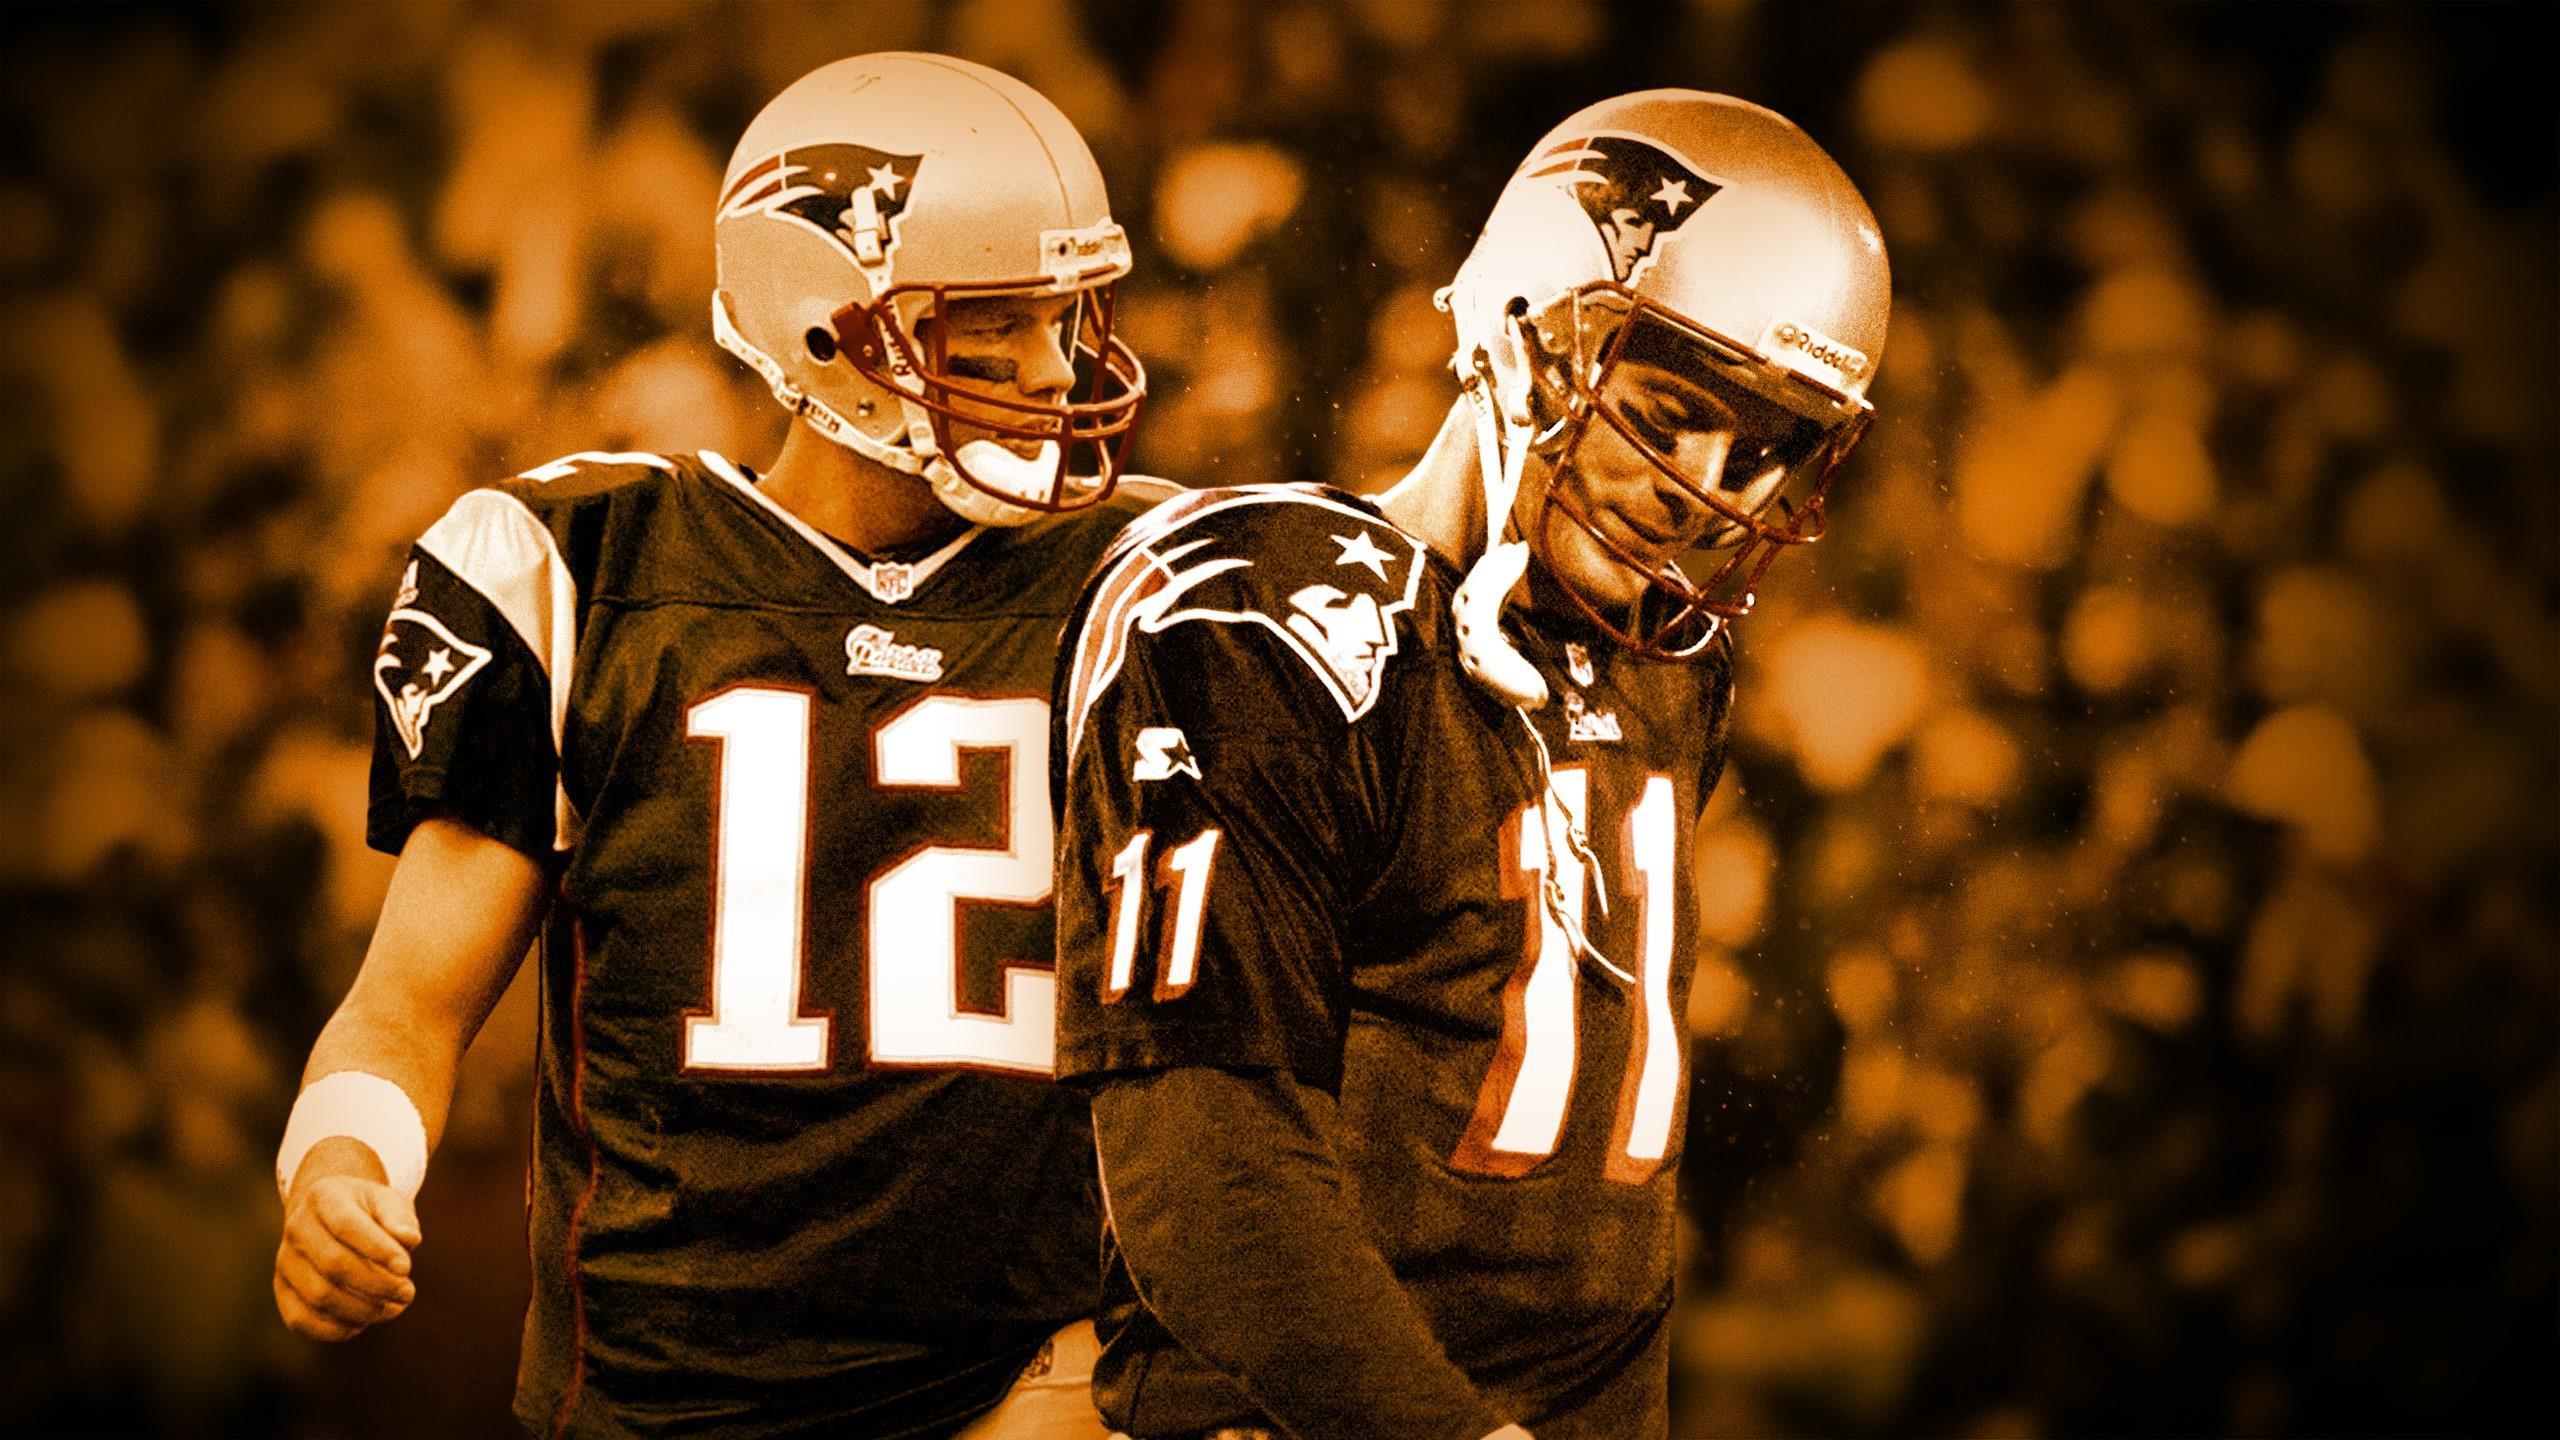 Le jour où la vie de Tom Brady a changé et celle de Drew Bledsoe failli s'arrêter thumbnail